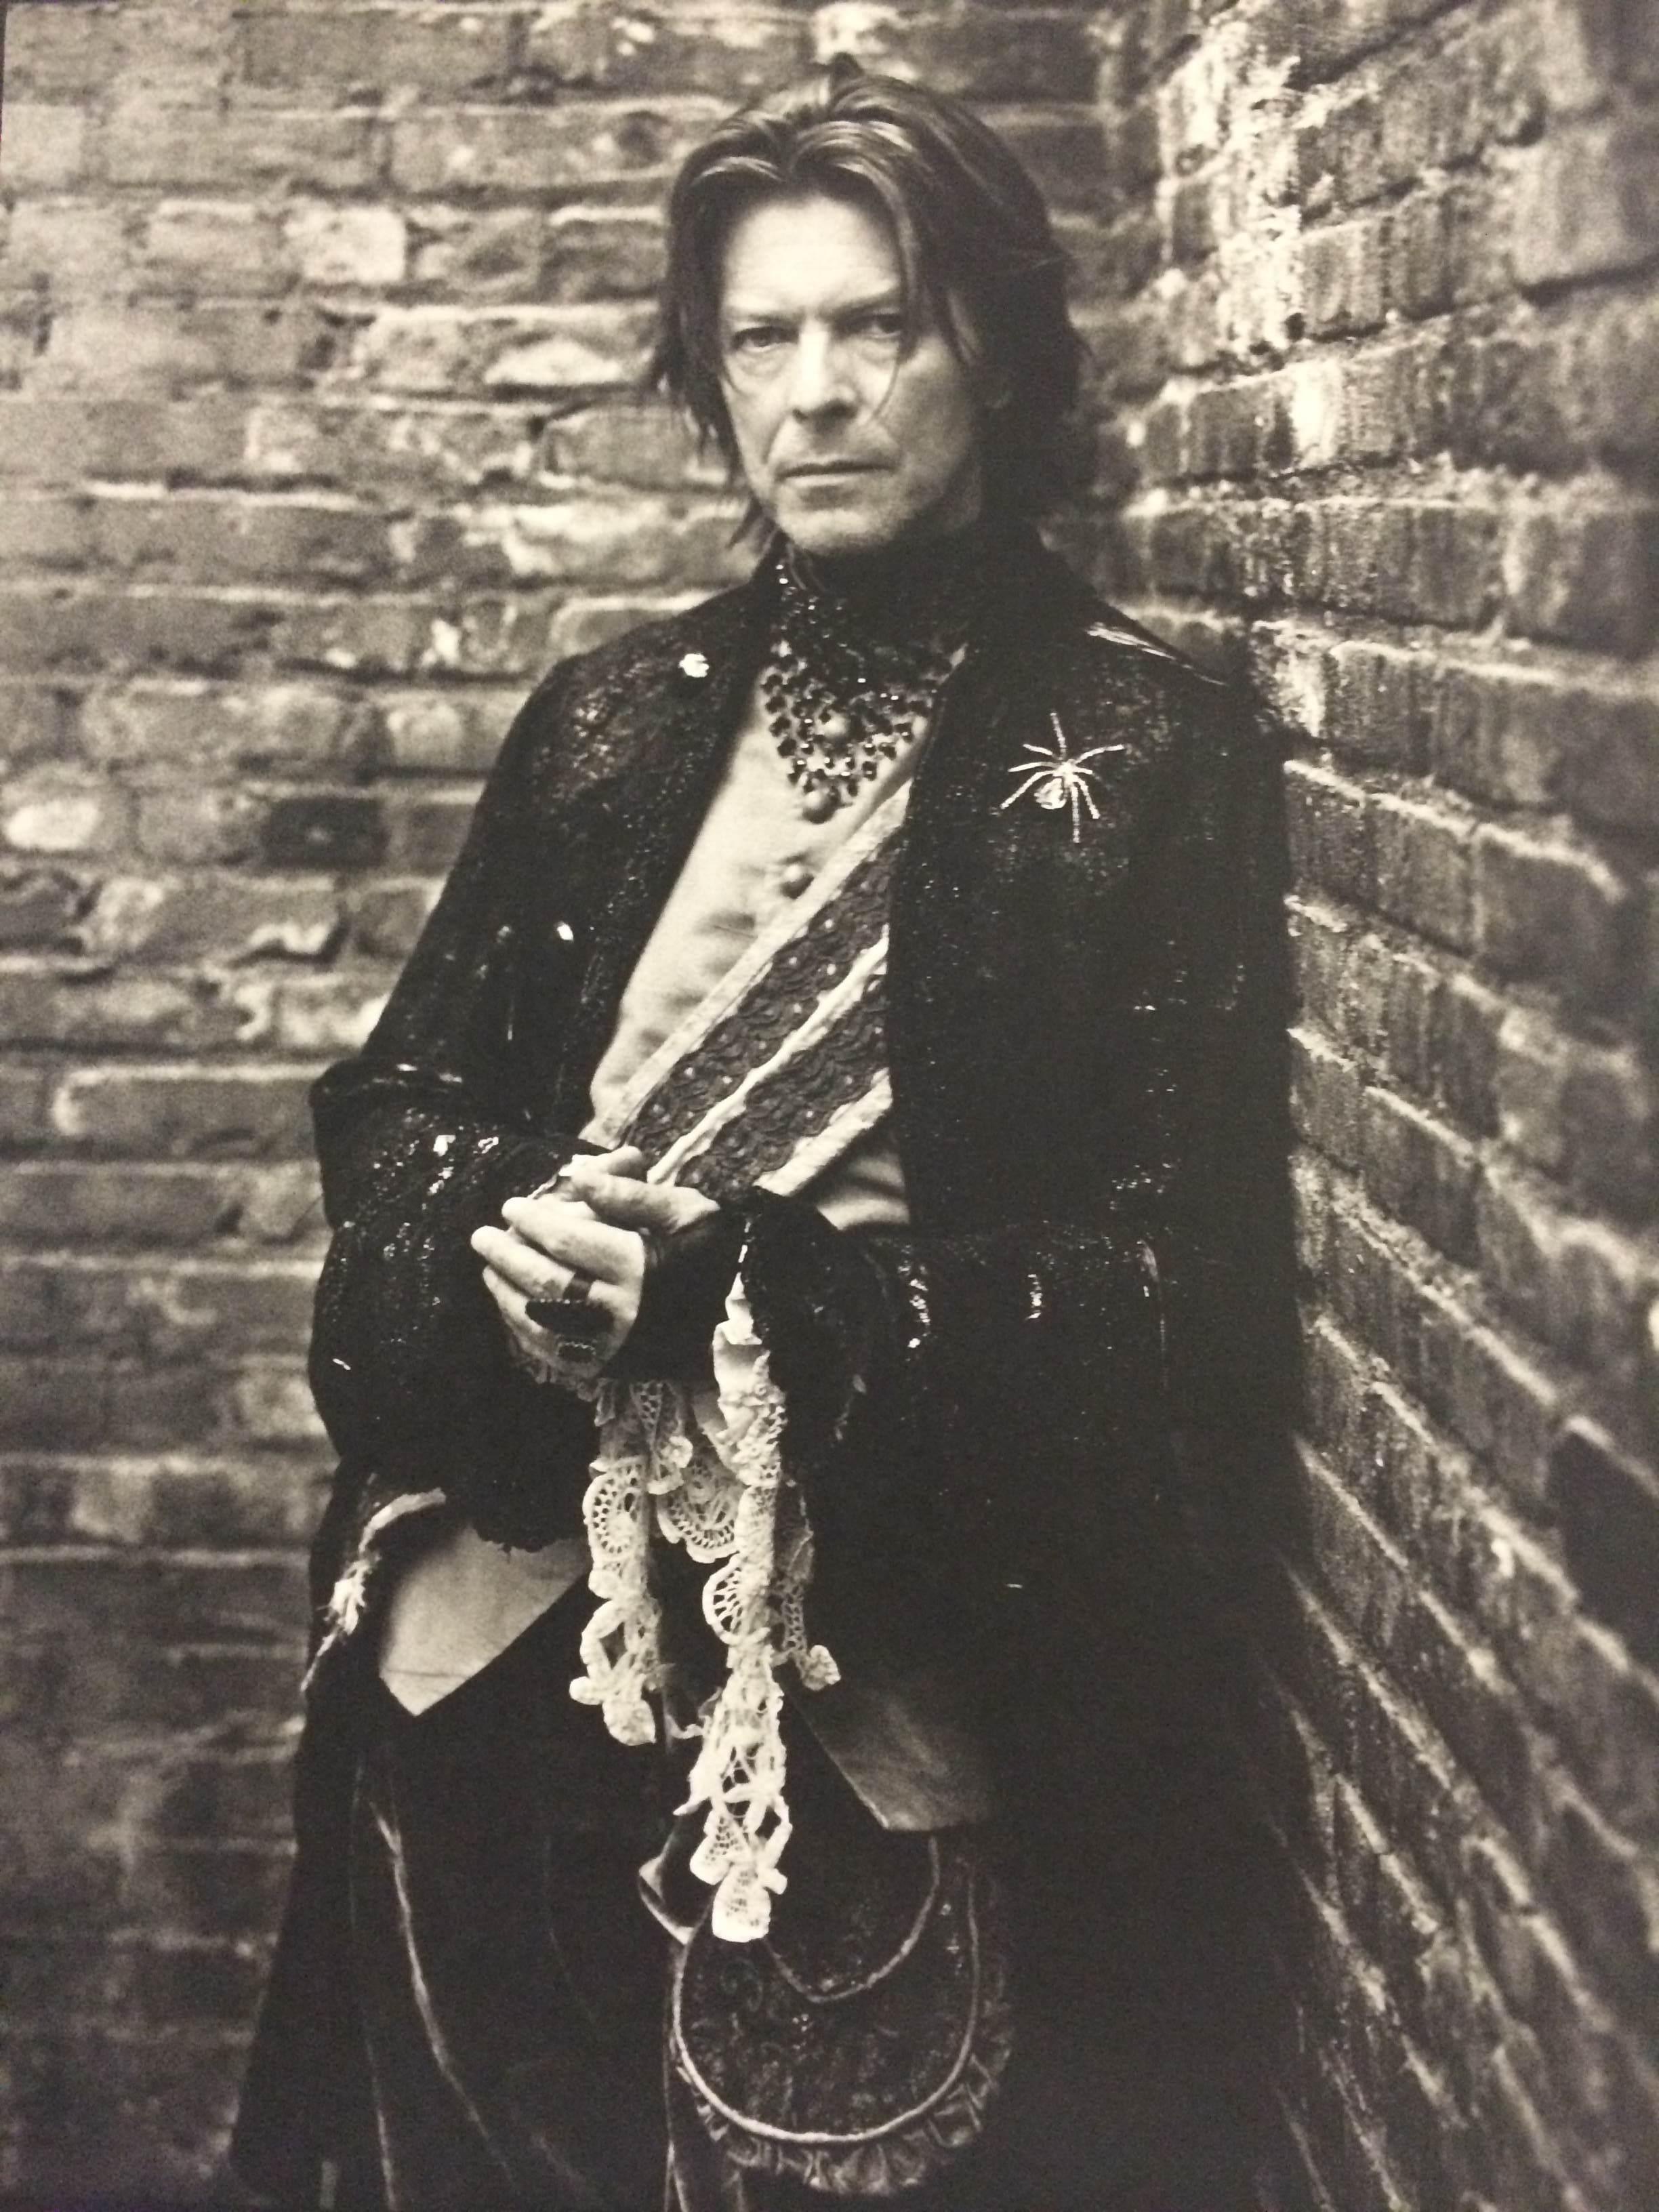 David Bowie, New York, NY 1999